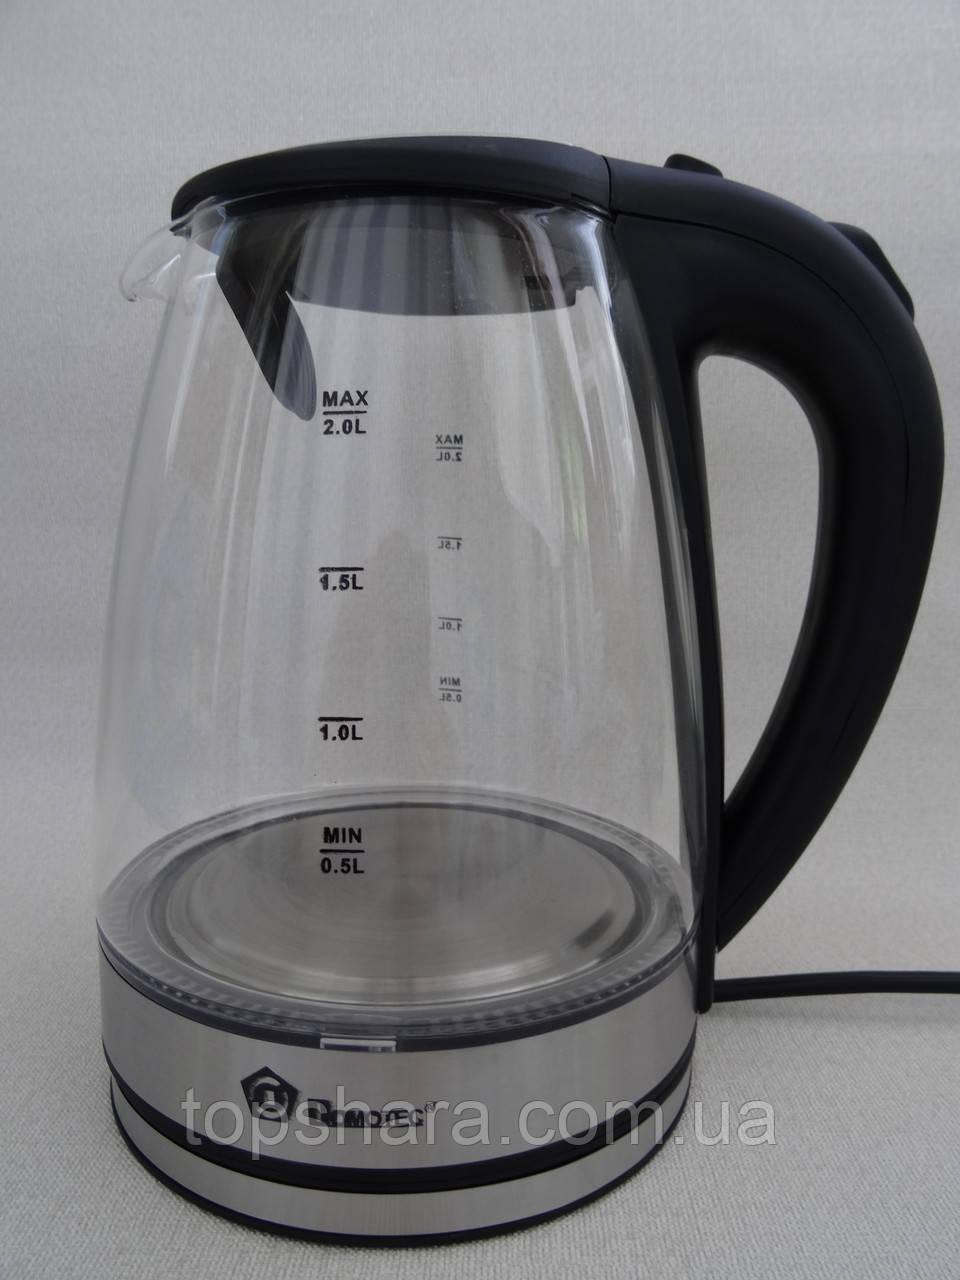 Электрочайник стеклянный Domotec MS 8110 черный 2 литра